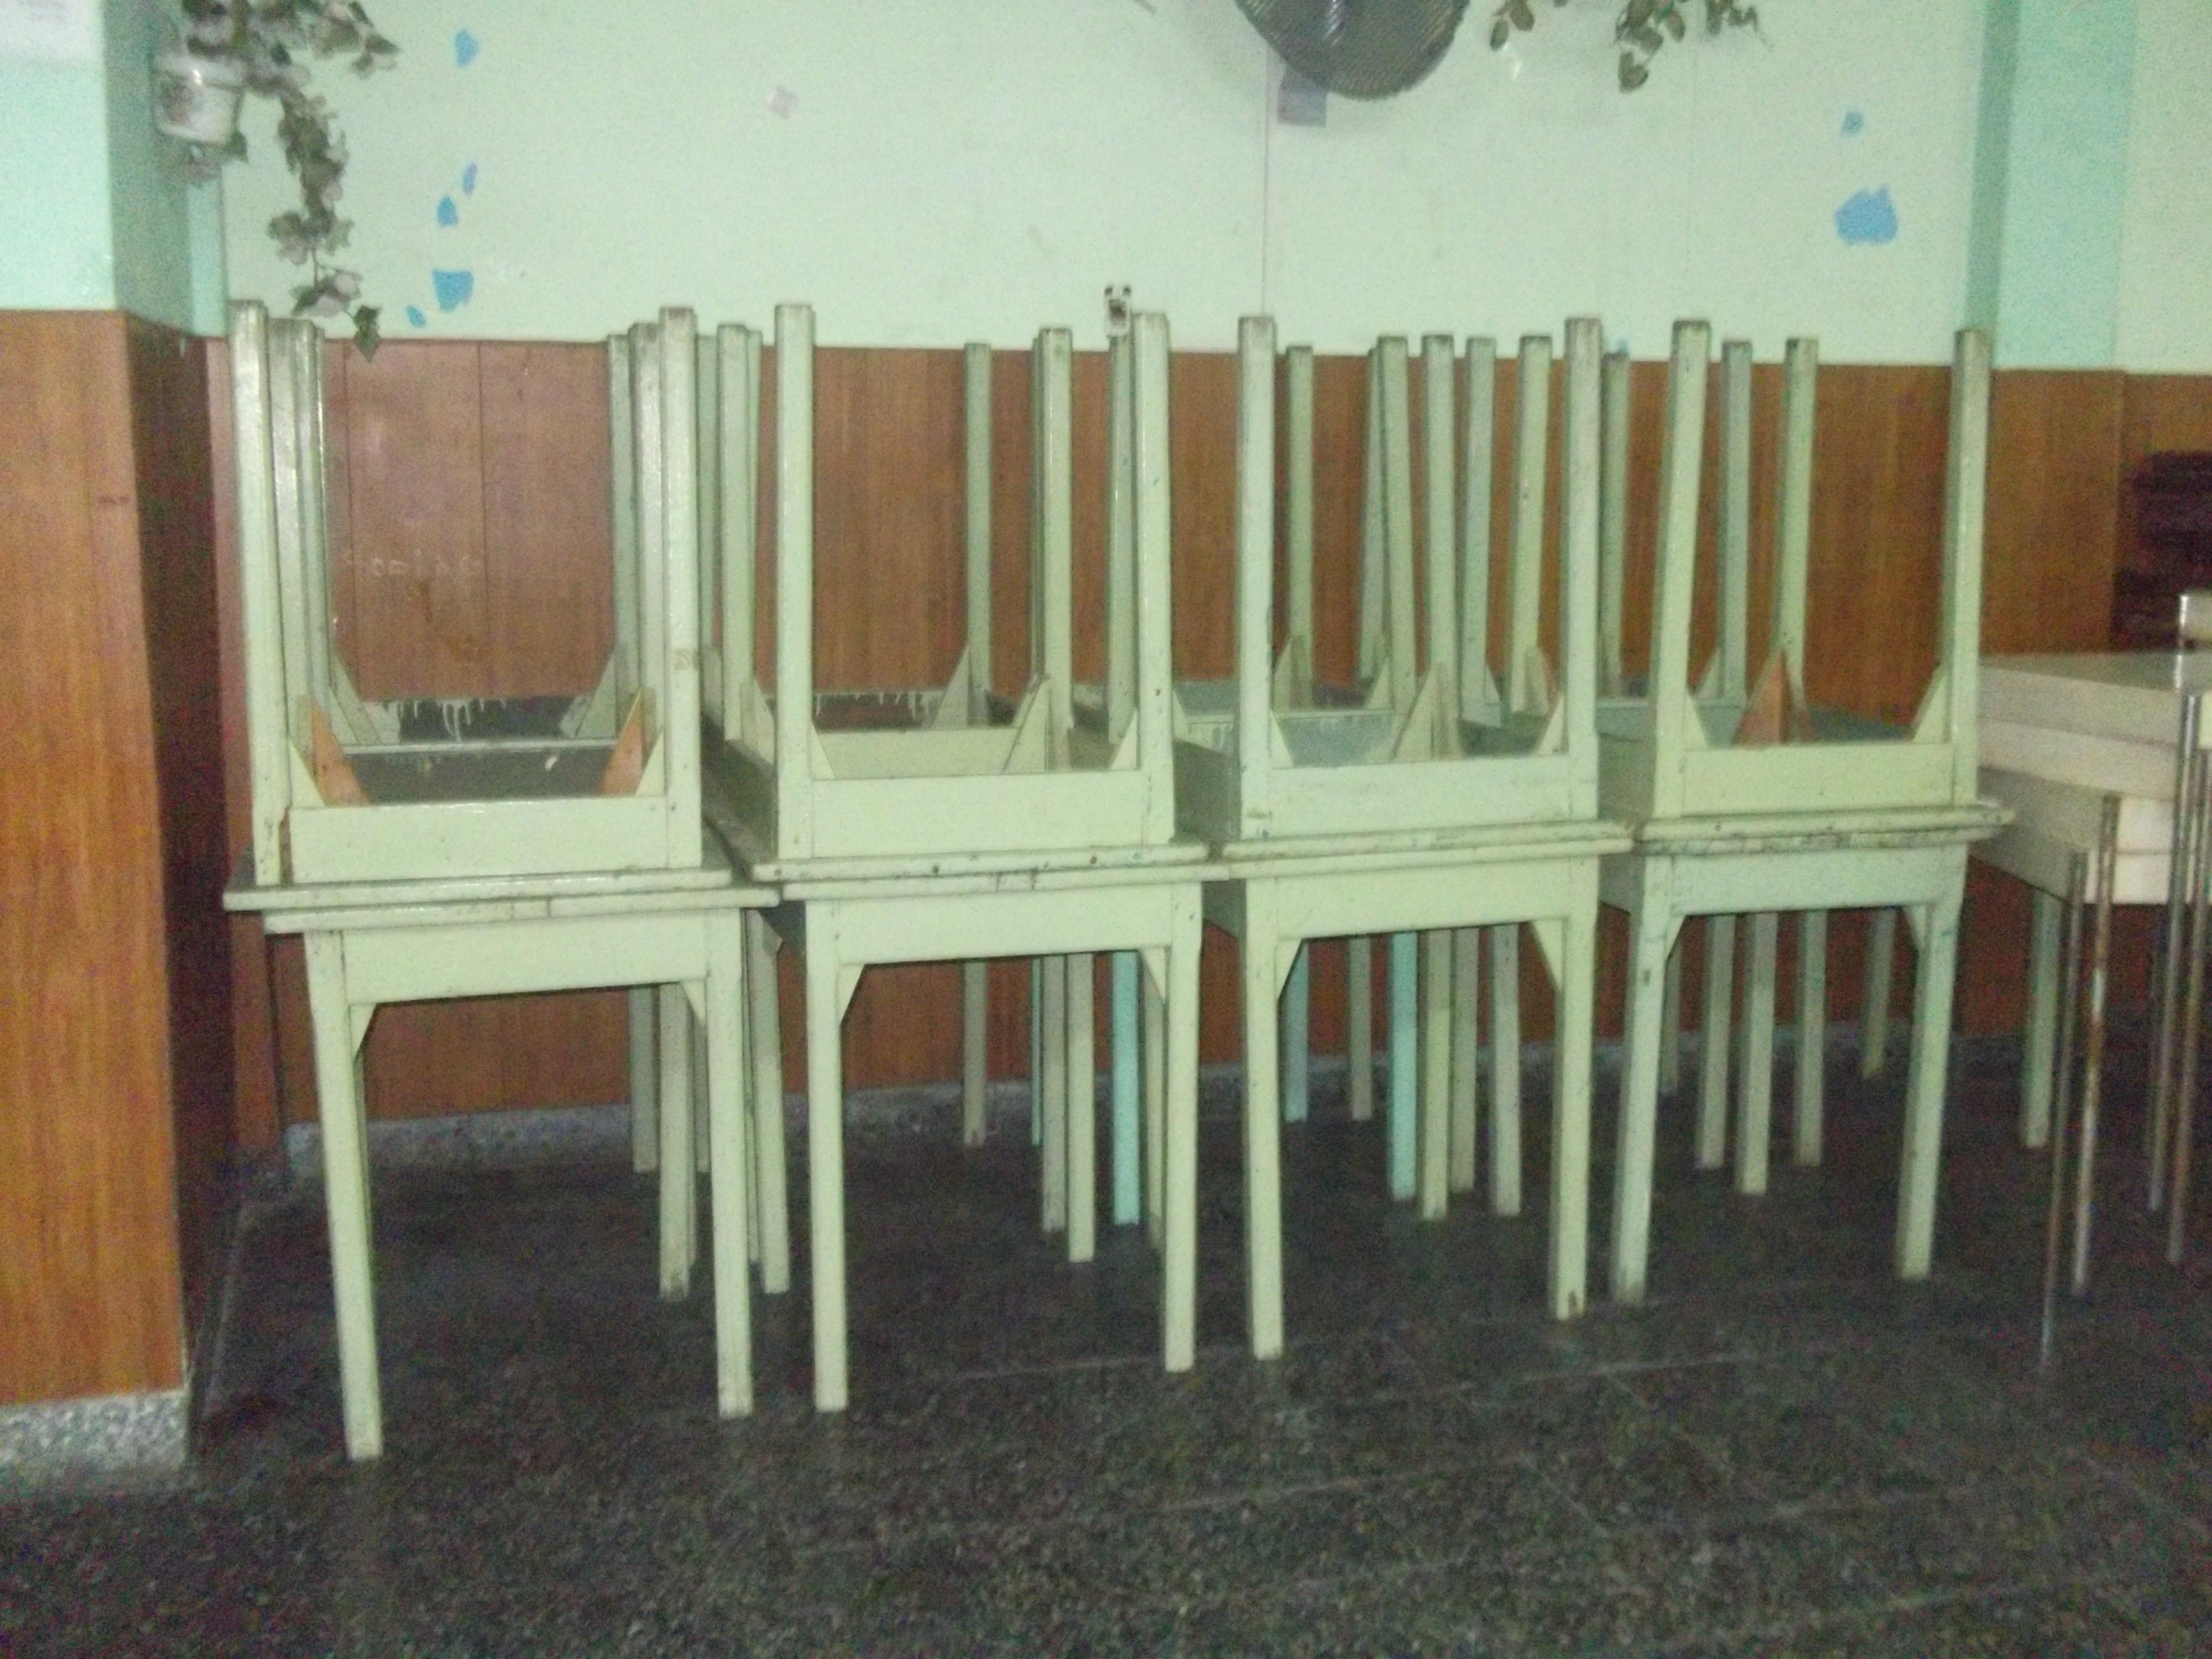 Salon /muebles - Sociedad de Fomento Gral. Pico